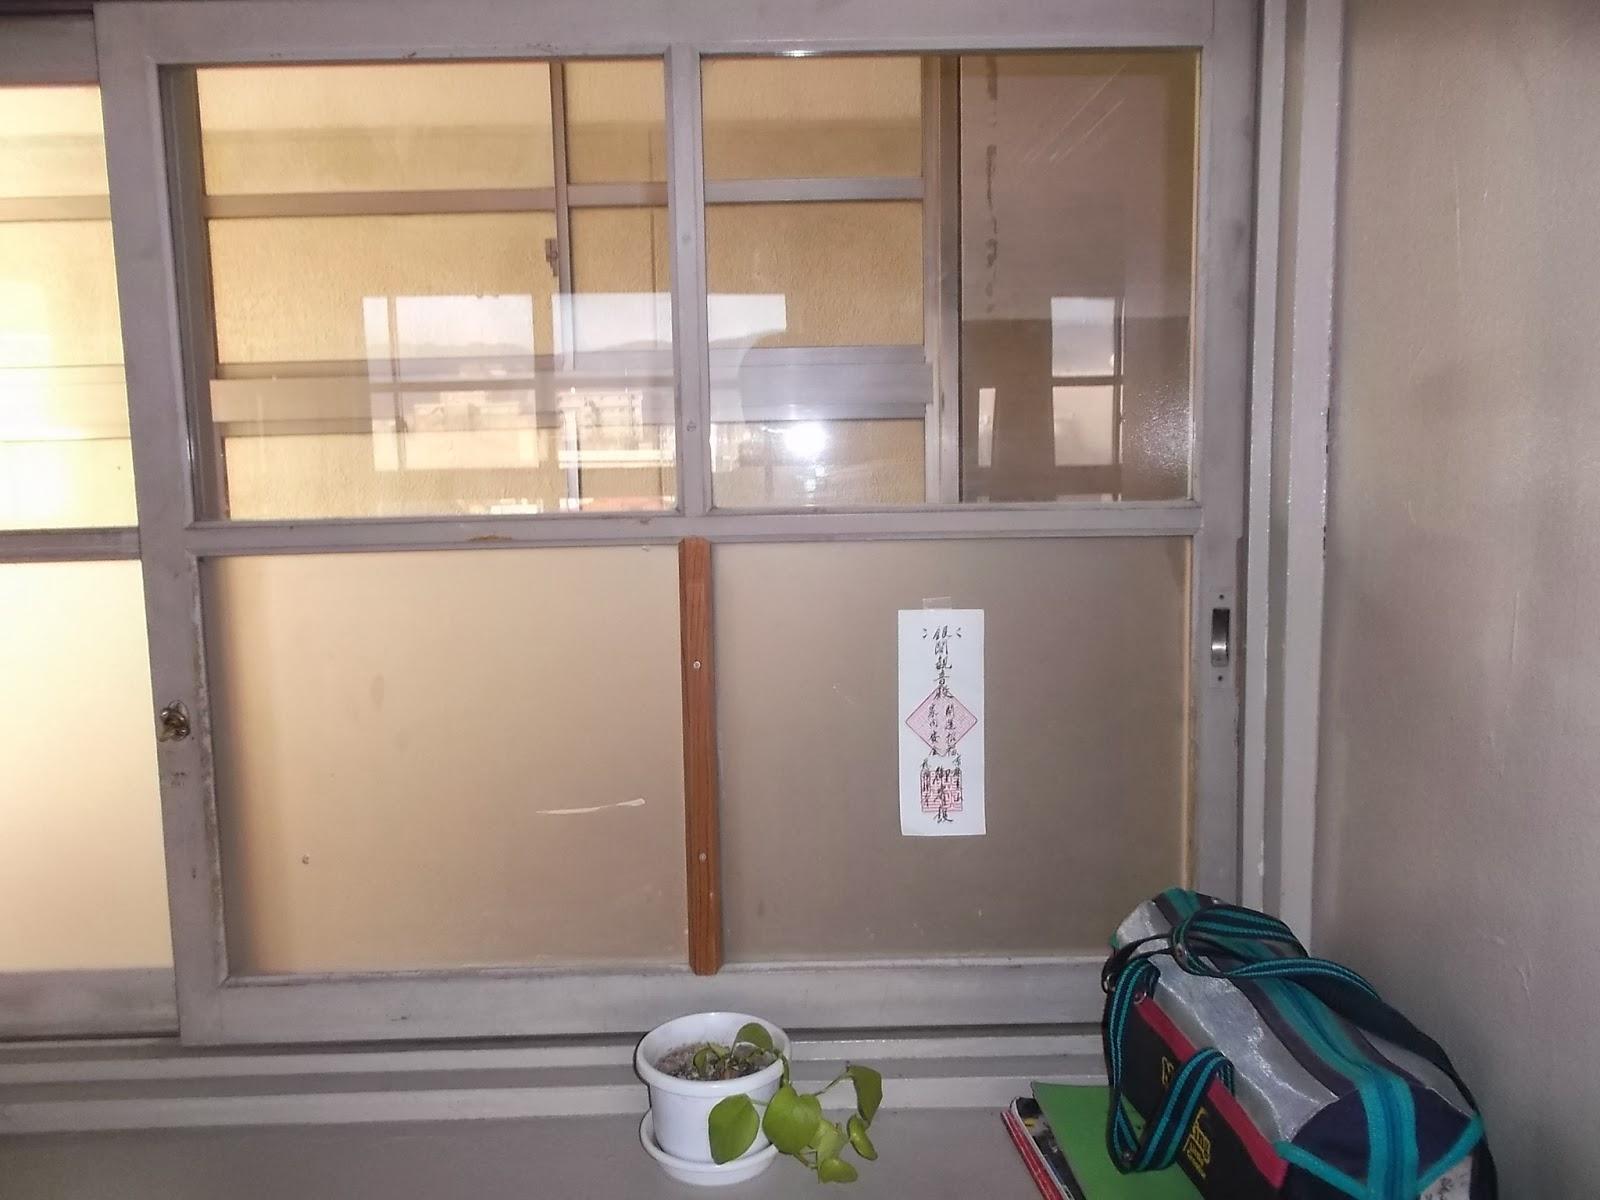 教室ガラスに御札